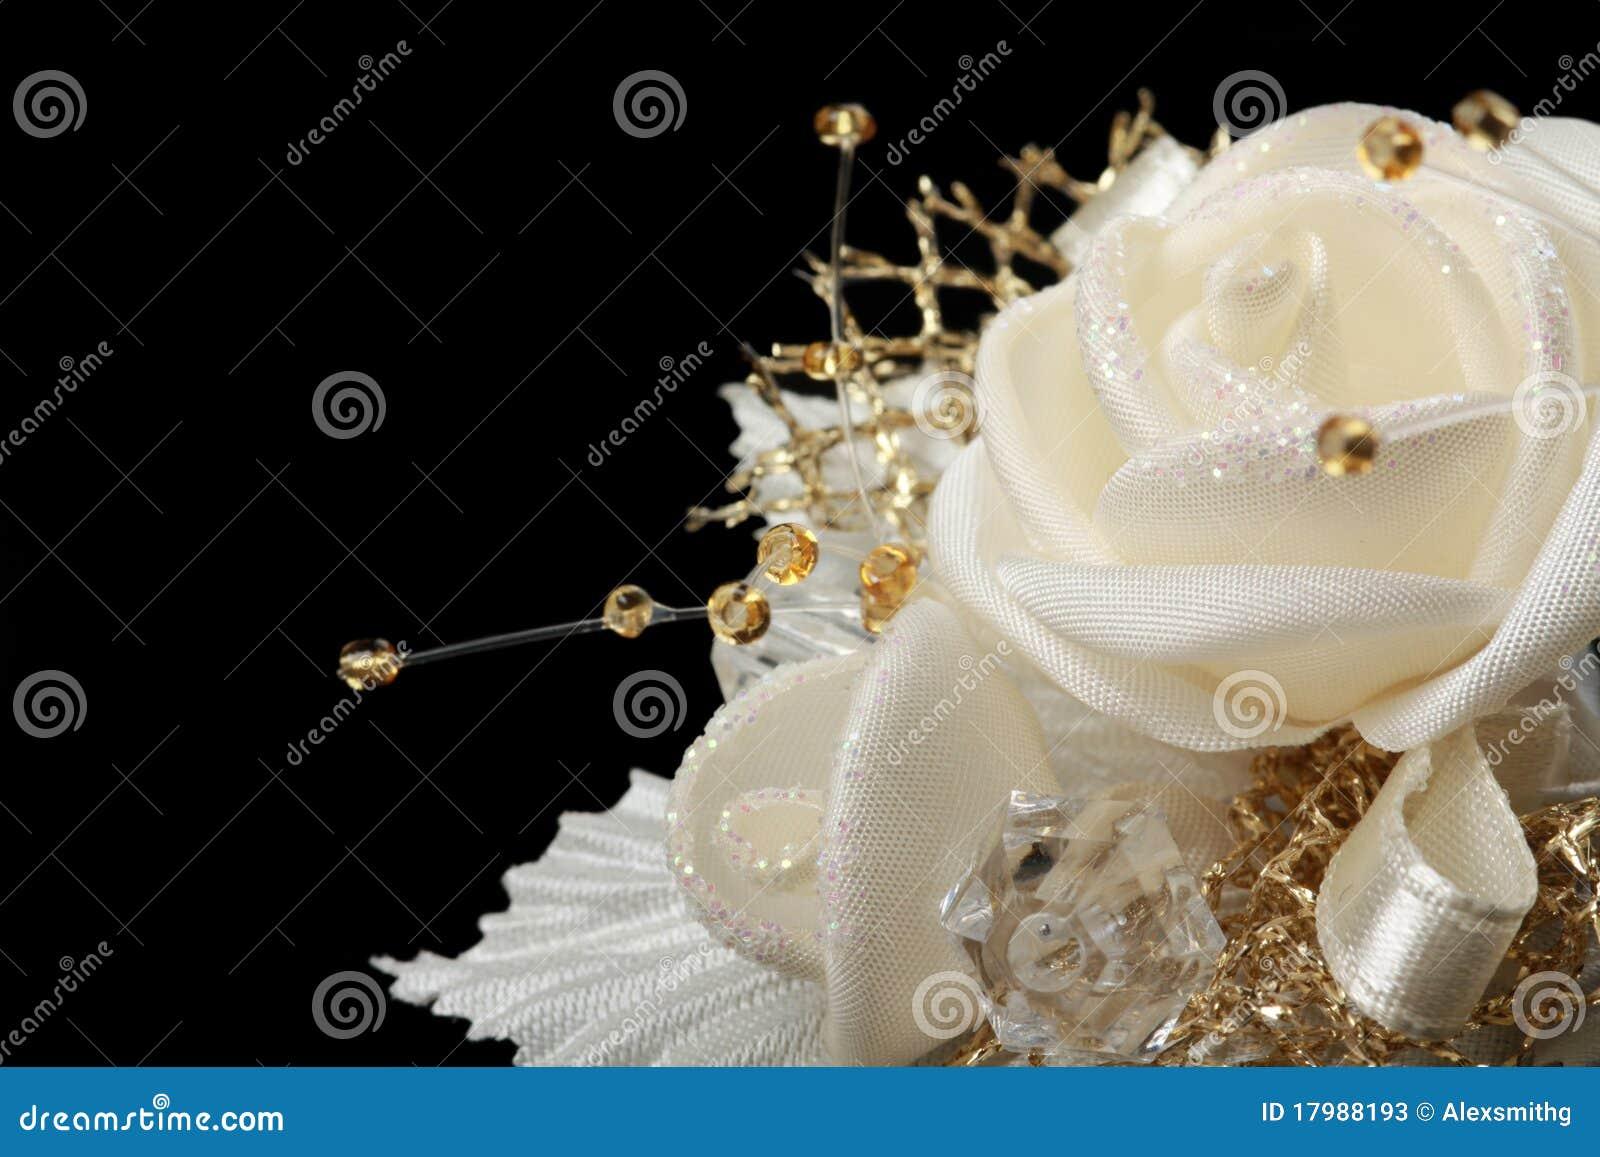 画像 結婚したい女性必見 恋に効く待ち受け画像 壁紙 恋愛運